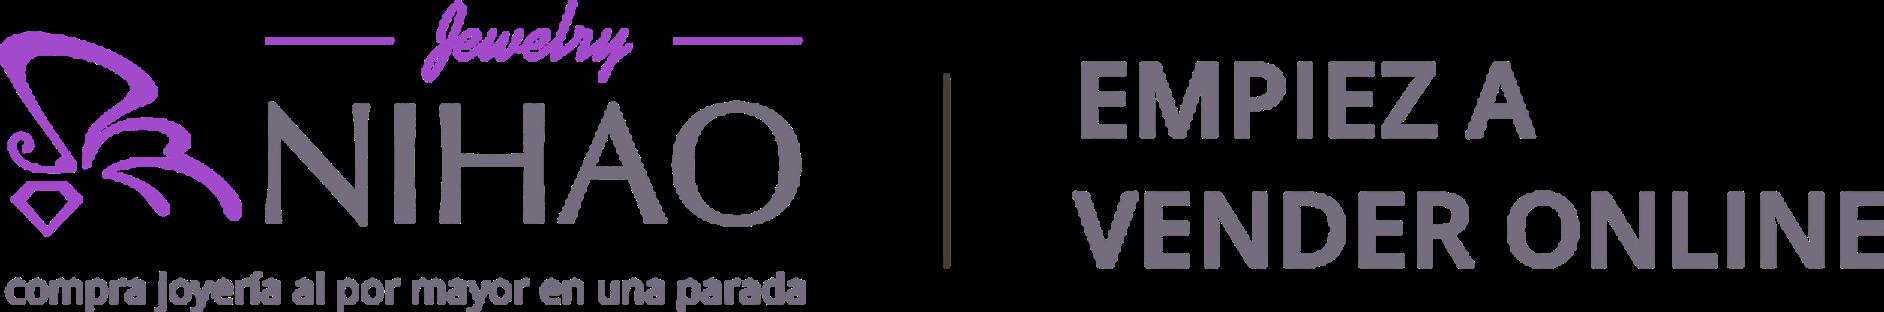 Nihaojewelry online store logo